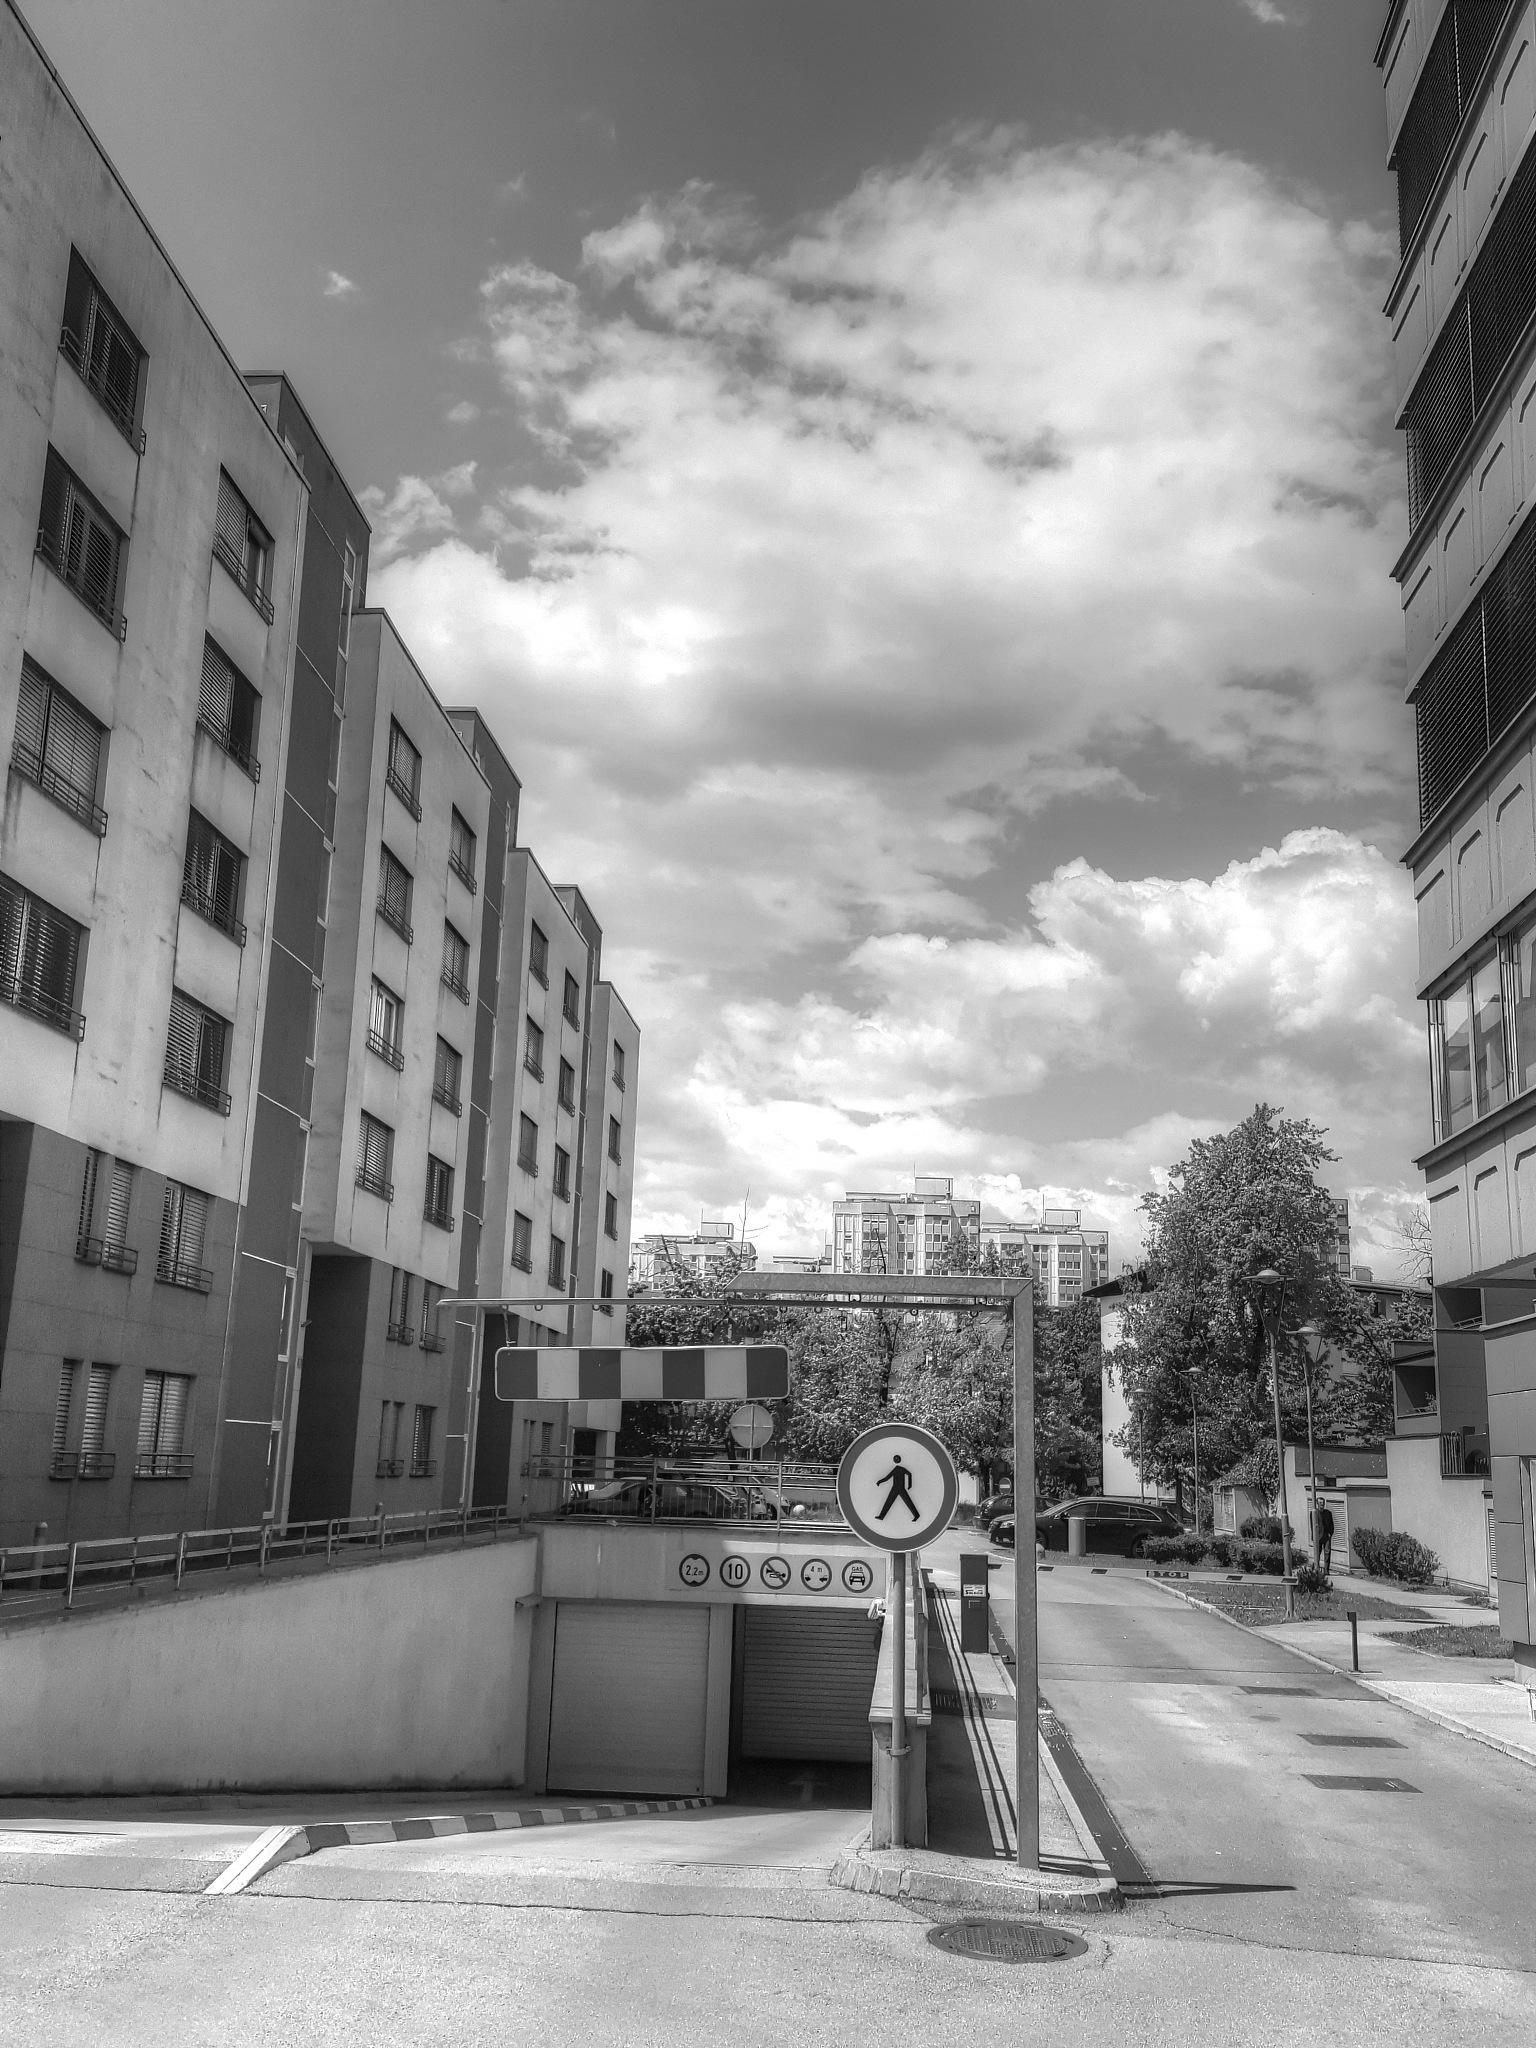 contrast by zvnktomasevic